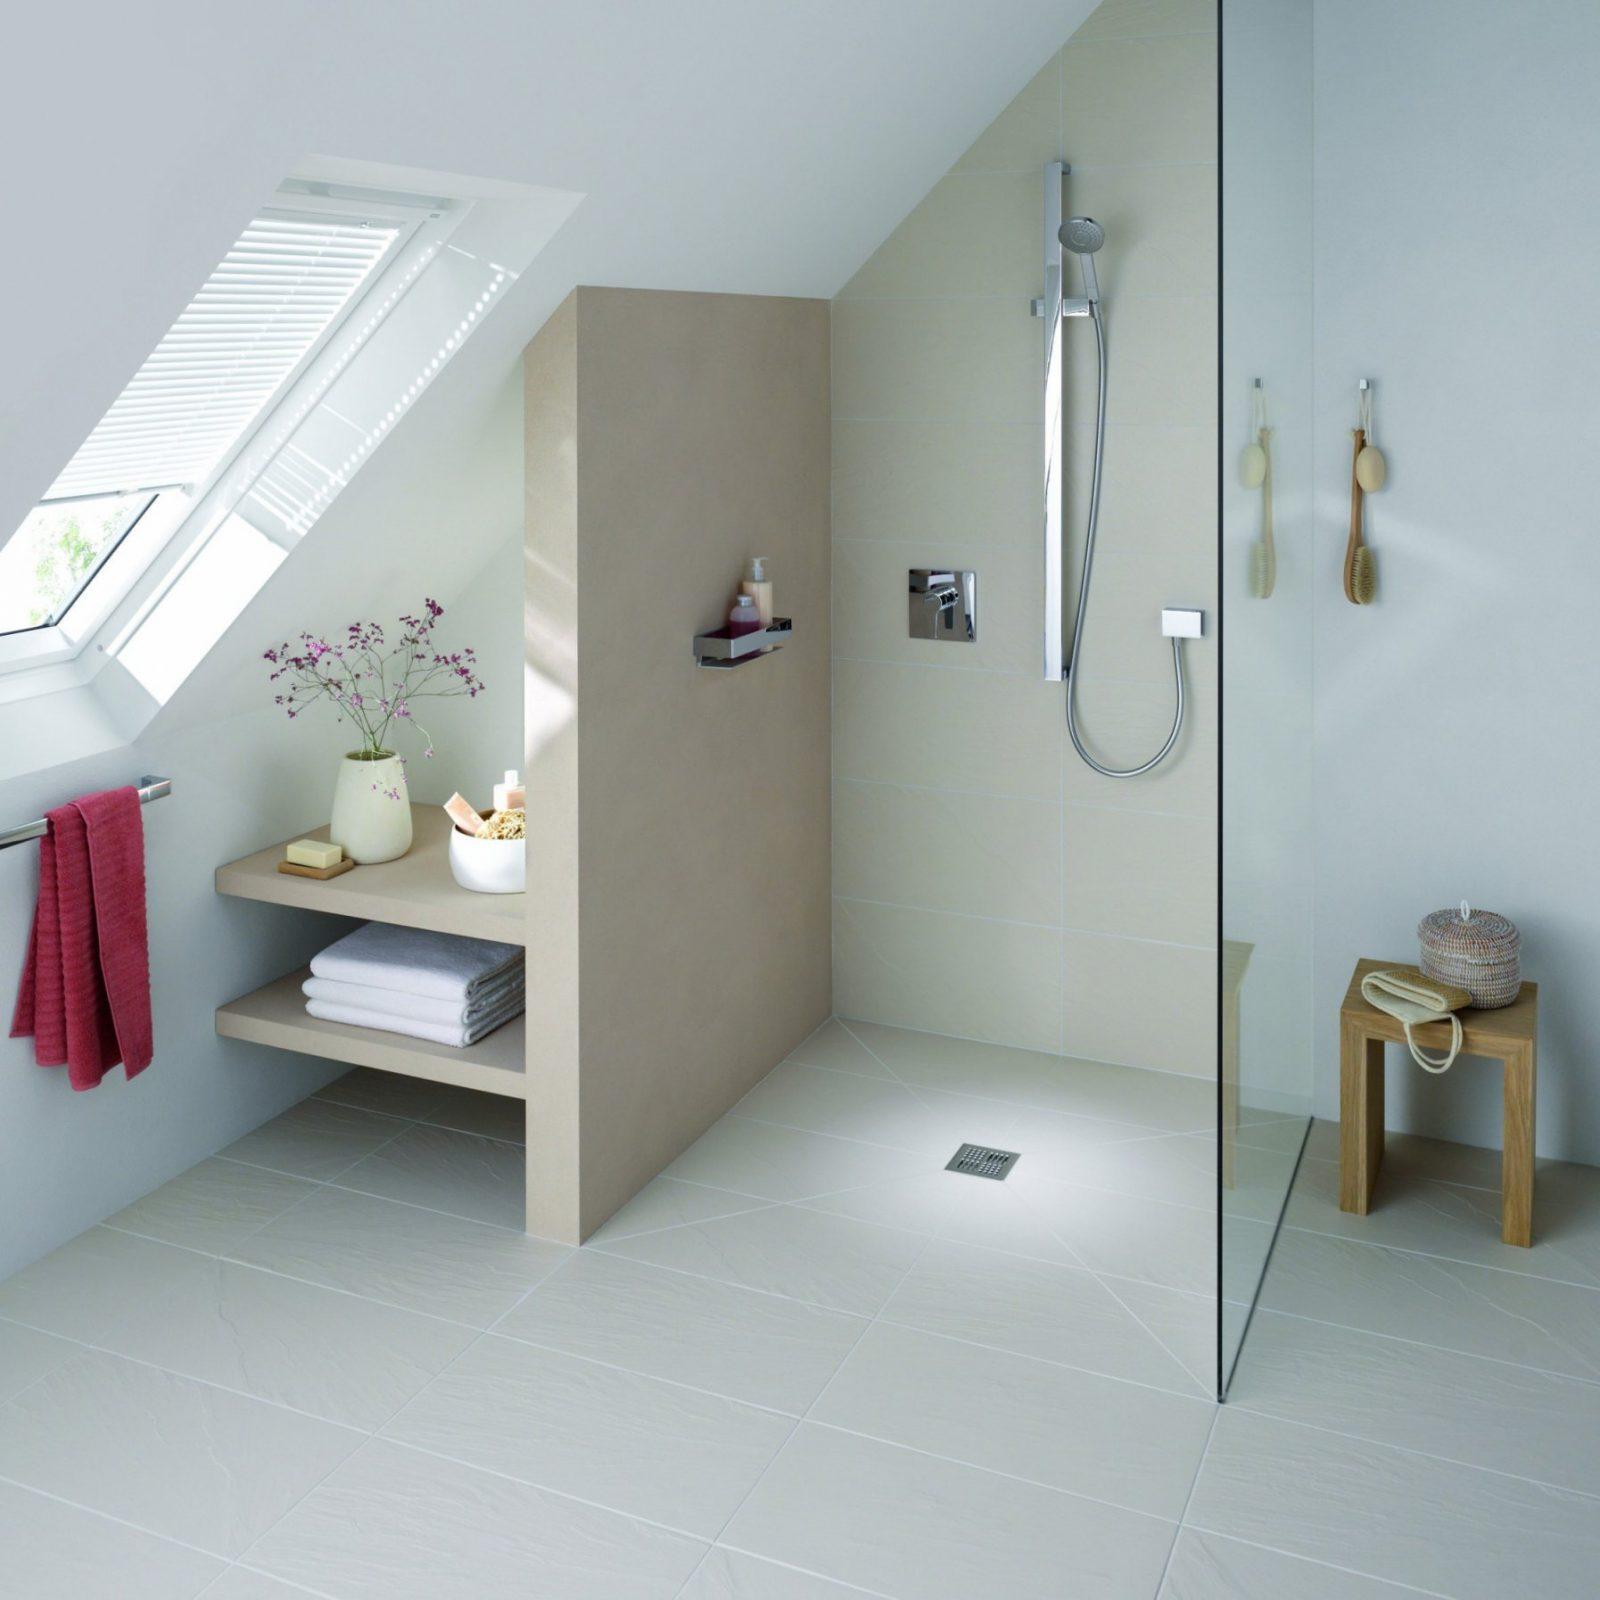 Badewanne Unter Dachschräge — Temobardz Home Blog von Bad Mit Dachschräge Planen Bild